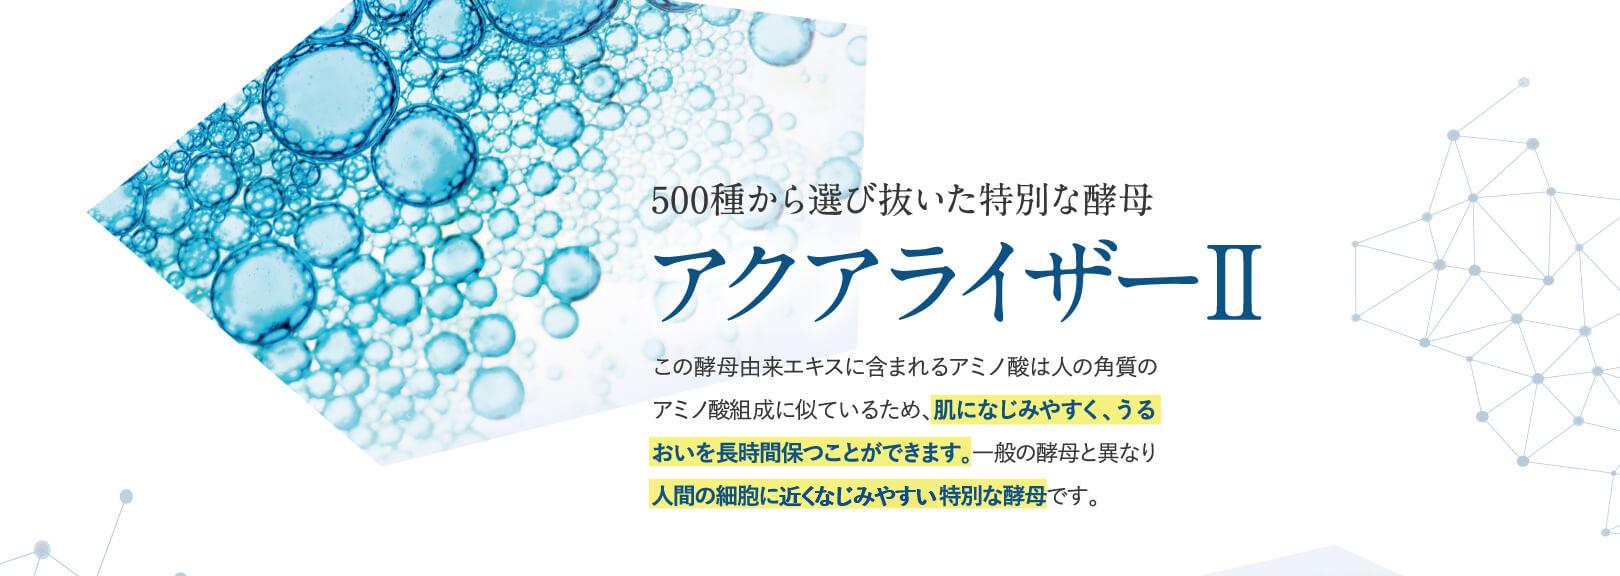 500種から選び抜いた特別な酵母アクアライザーⅡ